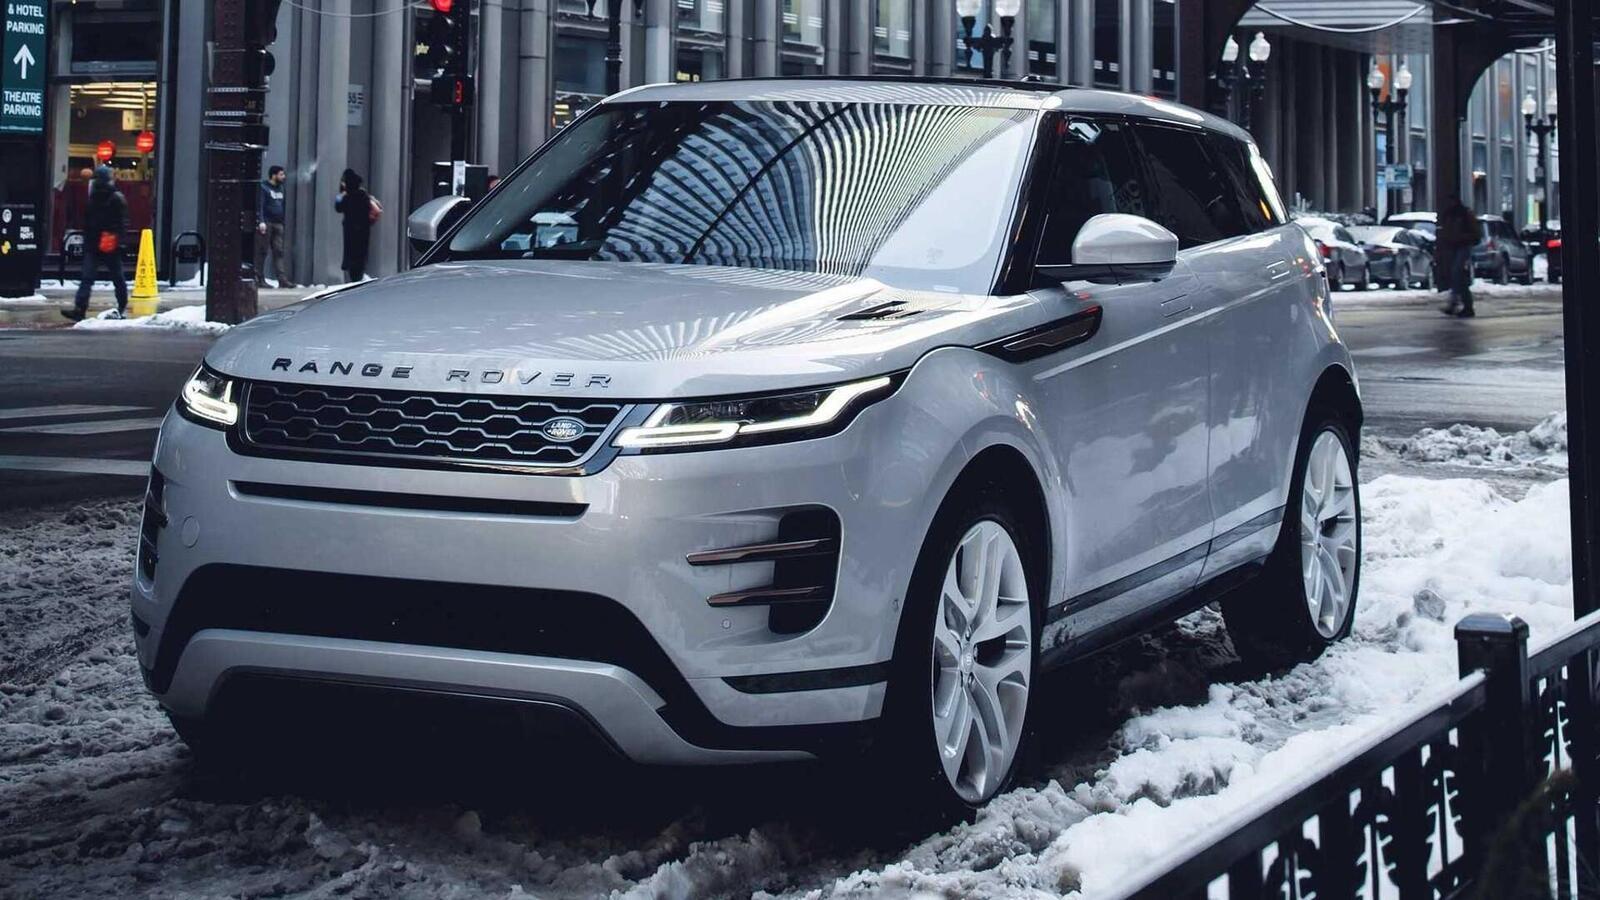 Range Rover Evoque mới tại Mỹ có giá từ 43.645 USD, đắt hơn Audi Q5 và Mercedes GLC - Hình 12